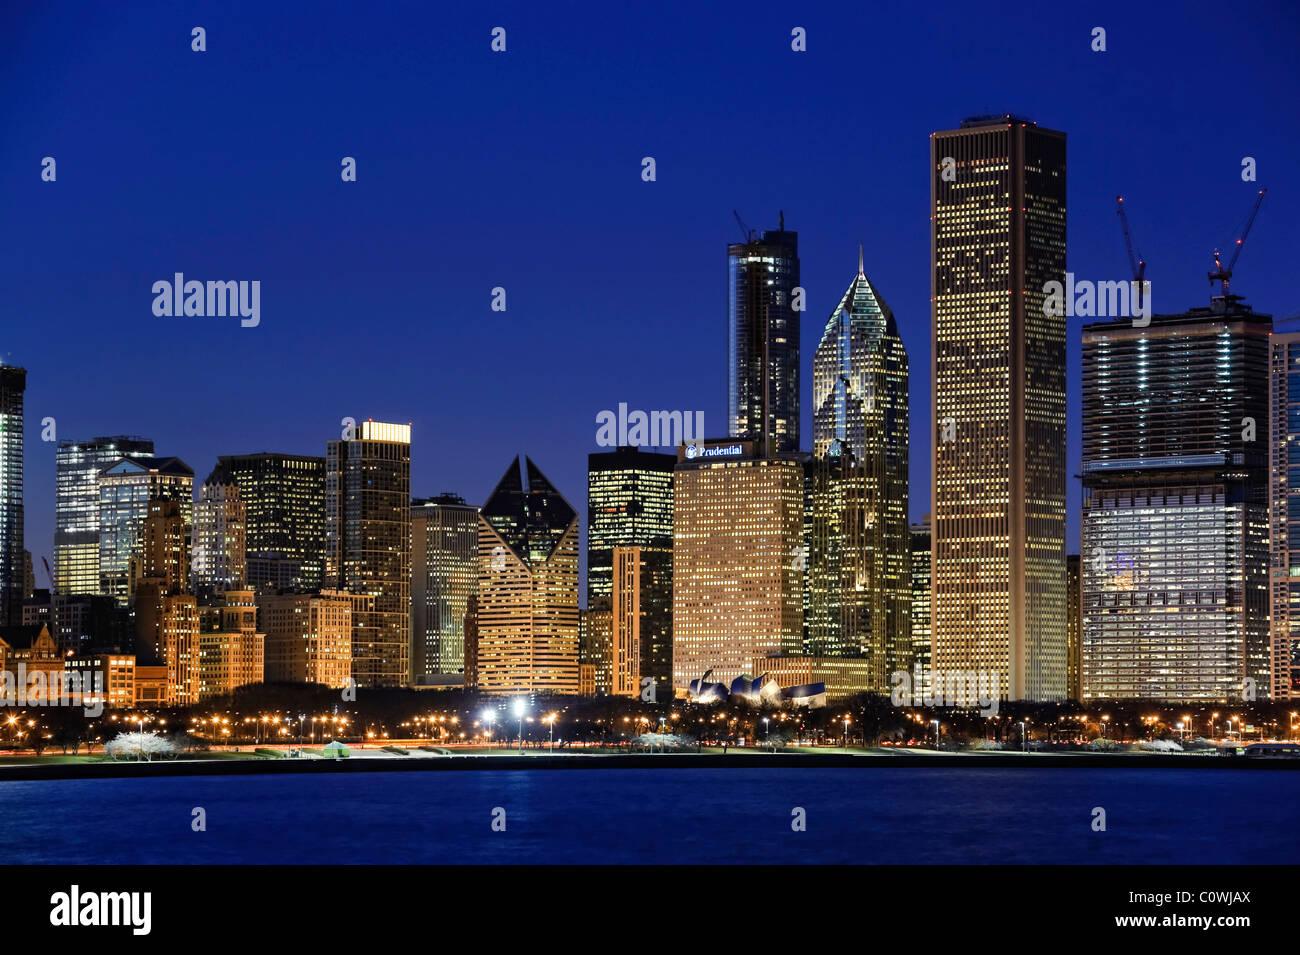 El centro de Chicago Skyline al atardecer, Chicago, Illinois, EE.UU. Imagen De Stock